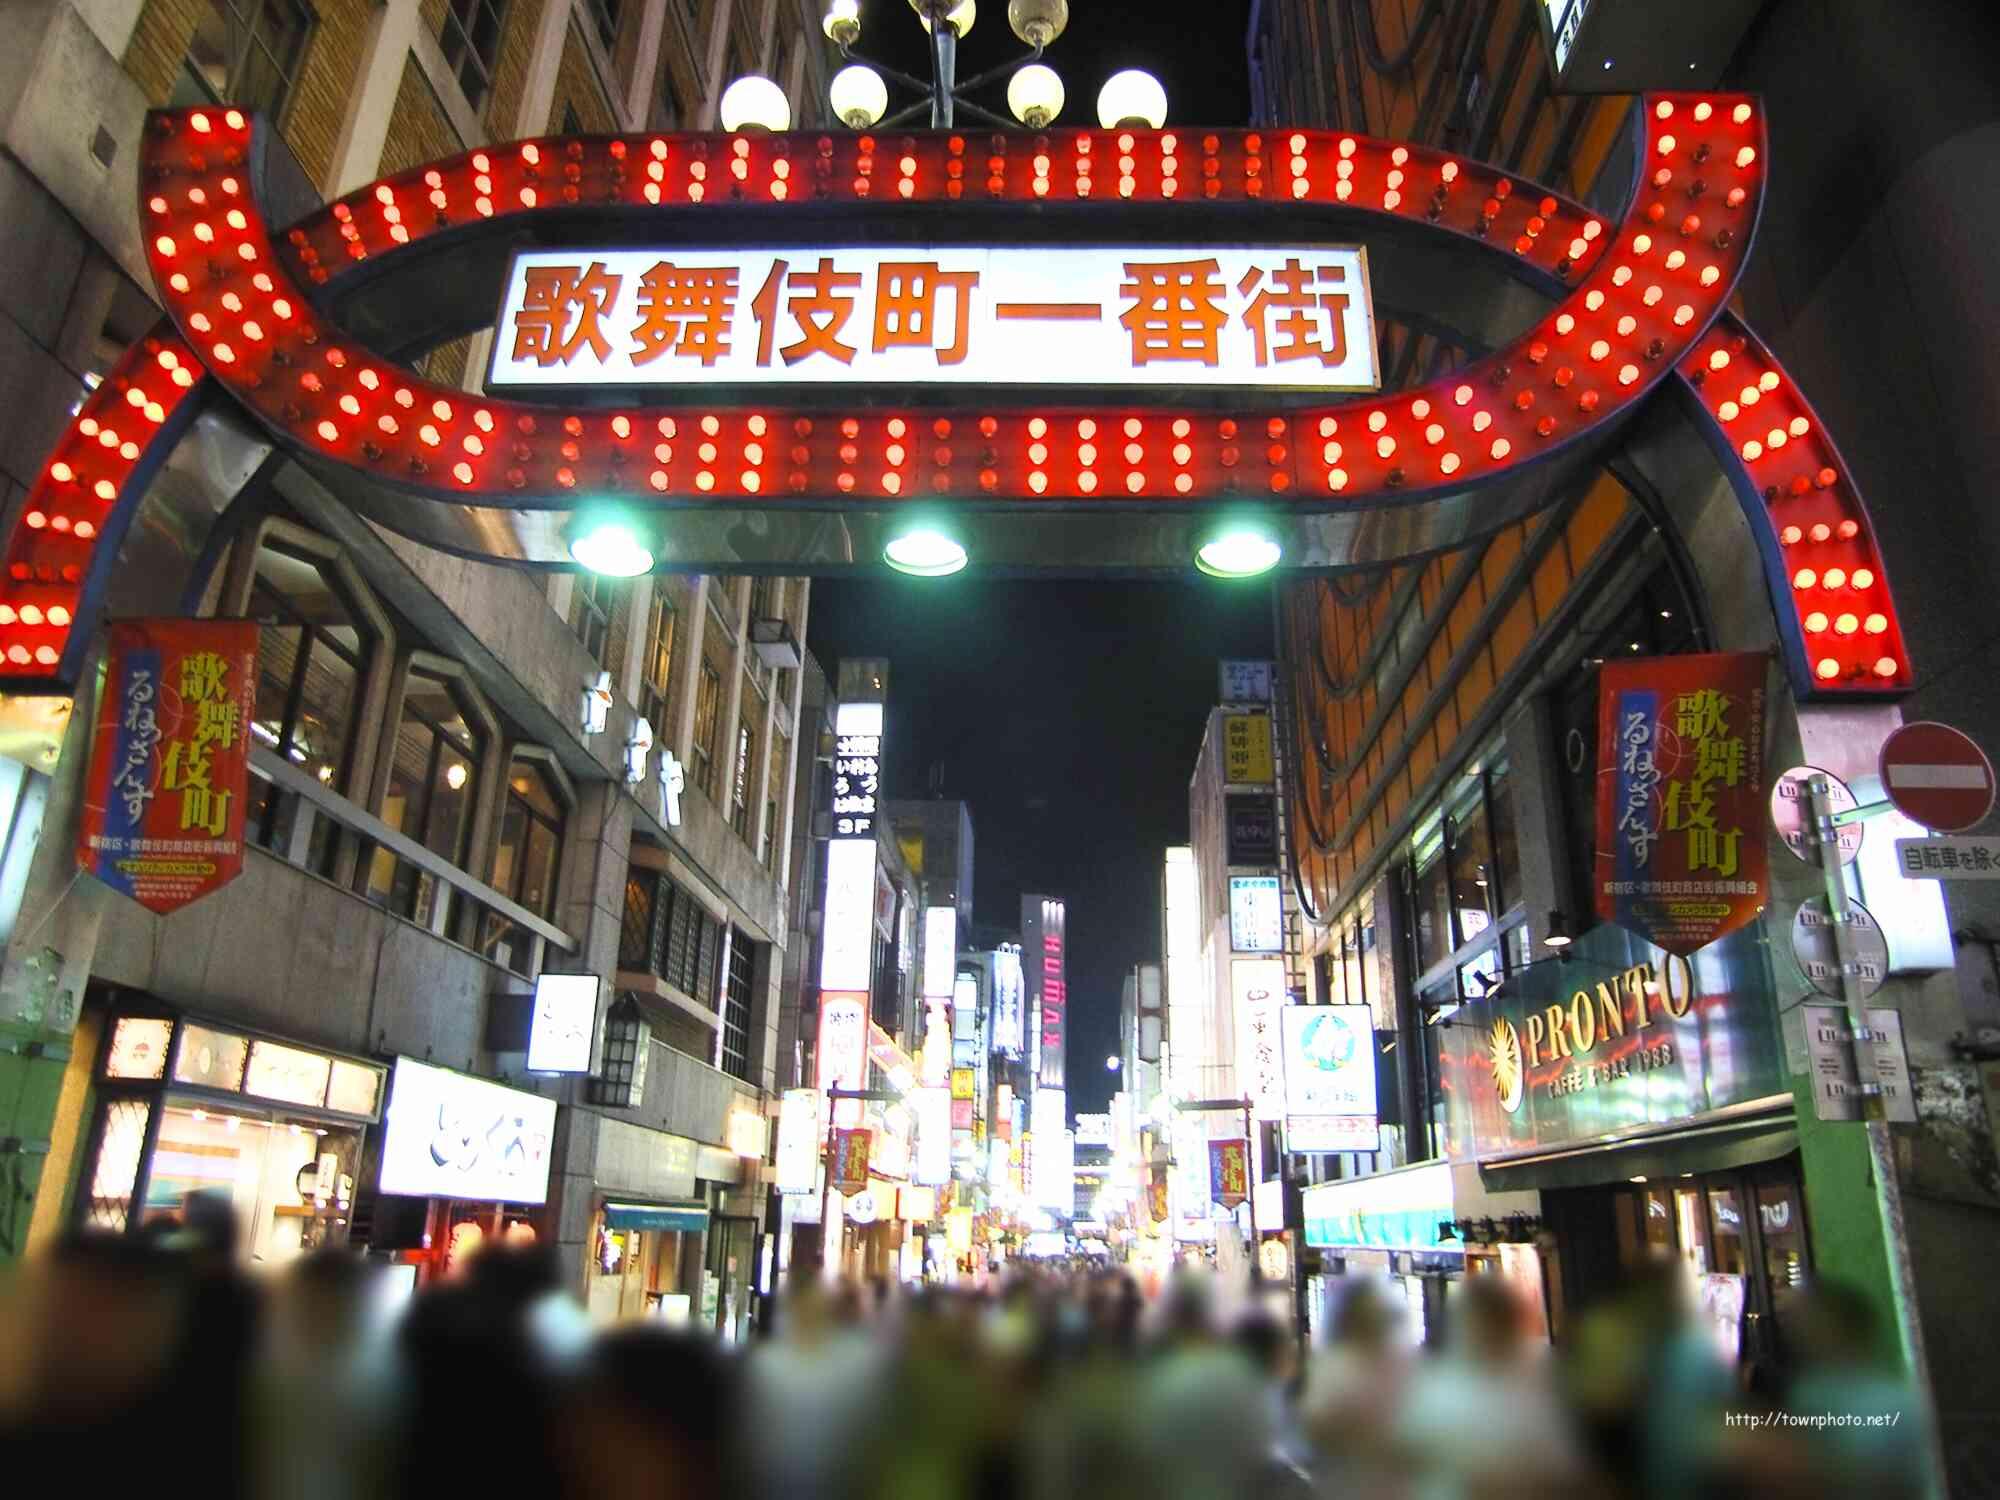 http://townphoto.net/tokyo/tac/tac522.jpg